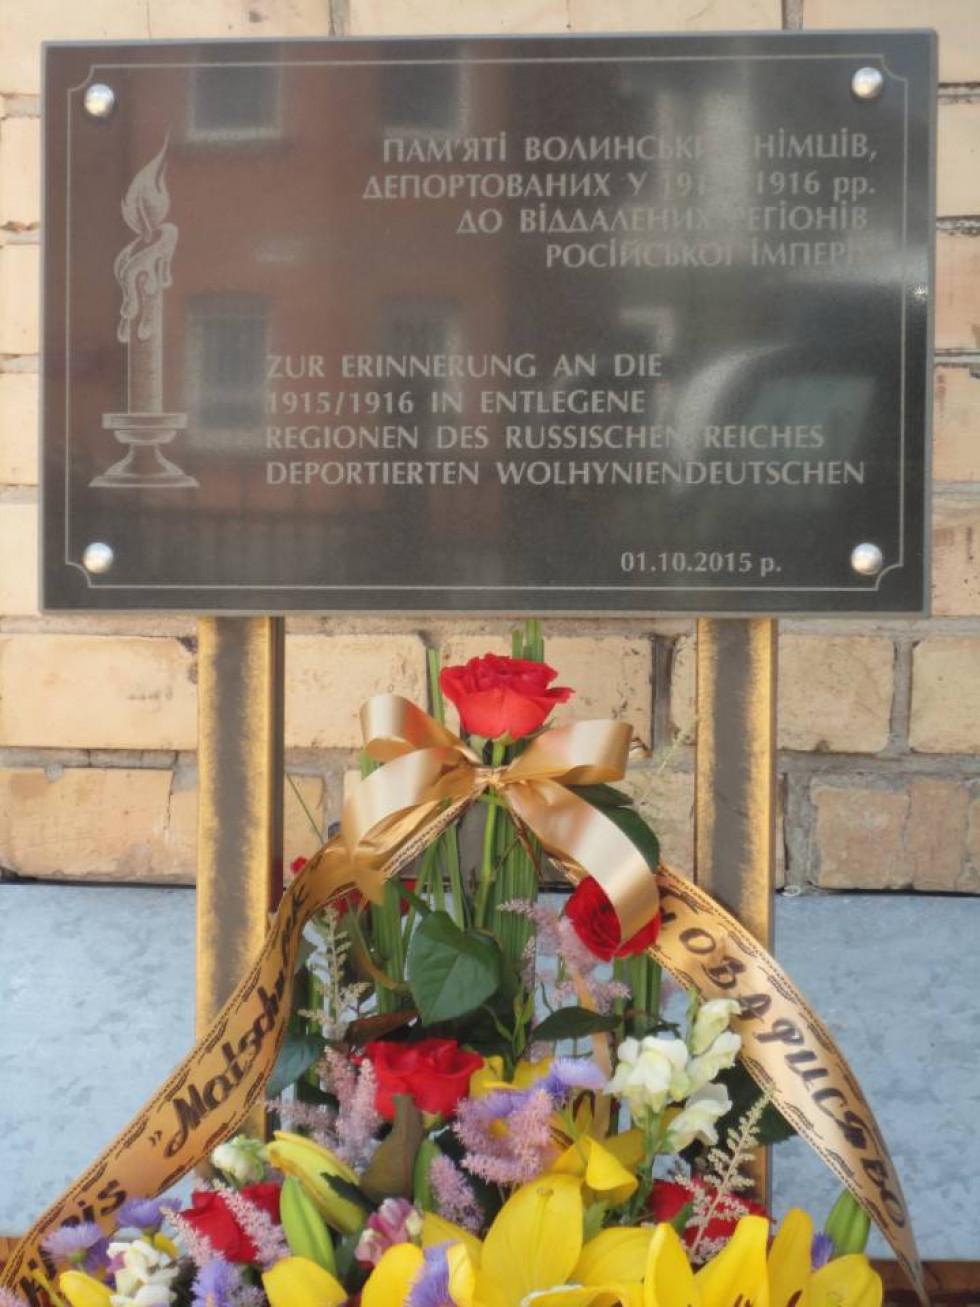 Пам'яті волинських німців, депортованих у 1915–1916 рр до віддалених реґіонів Російської імперії